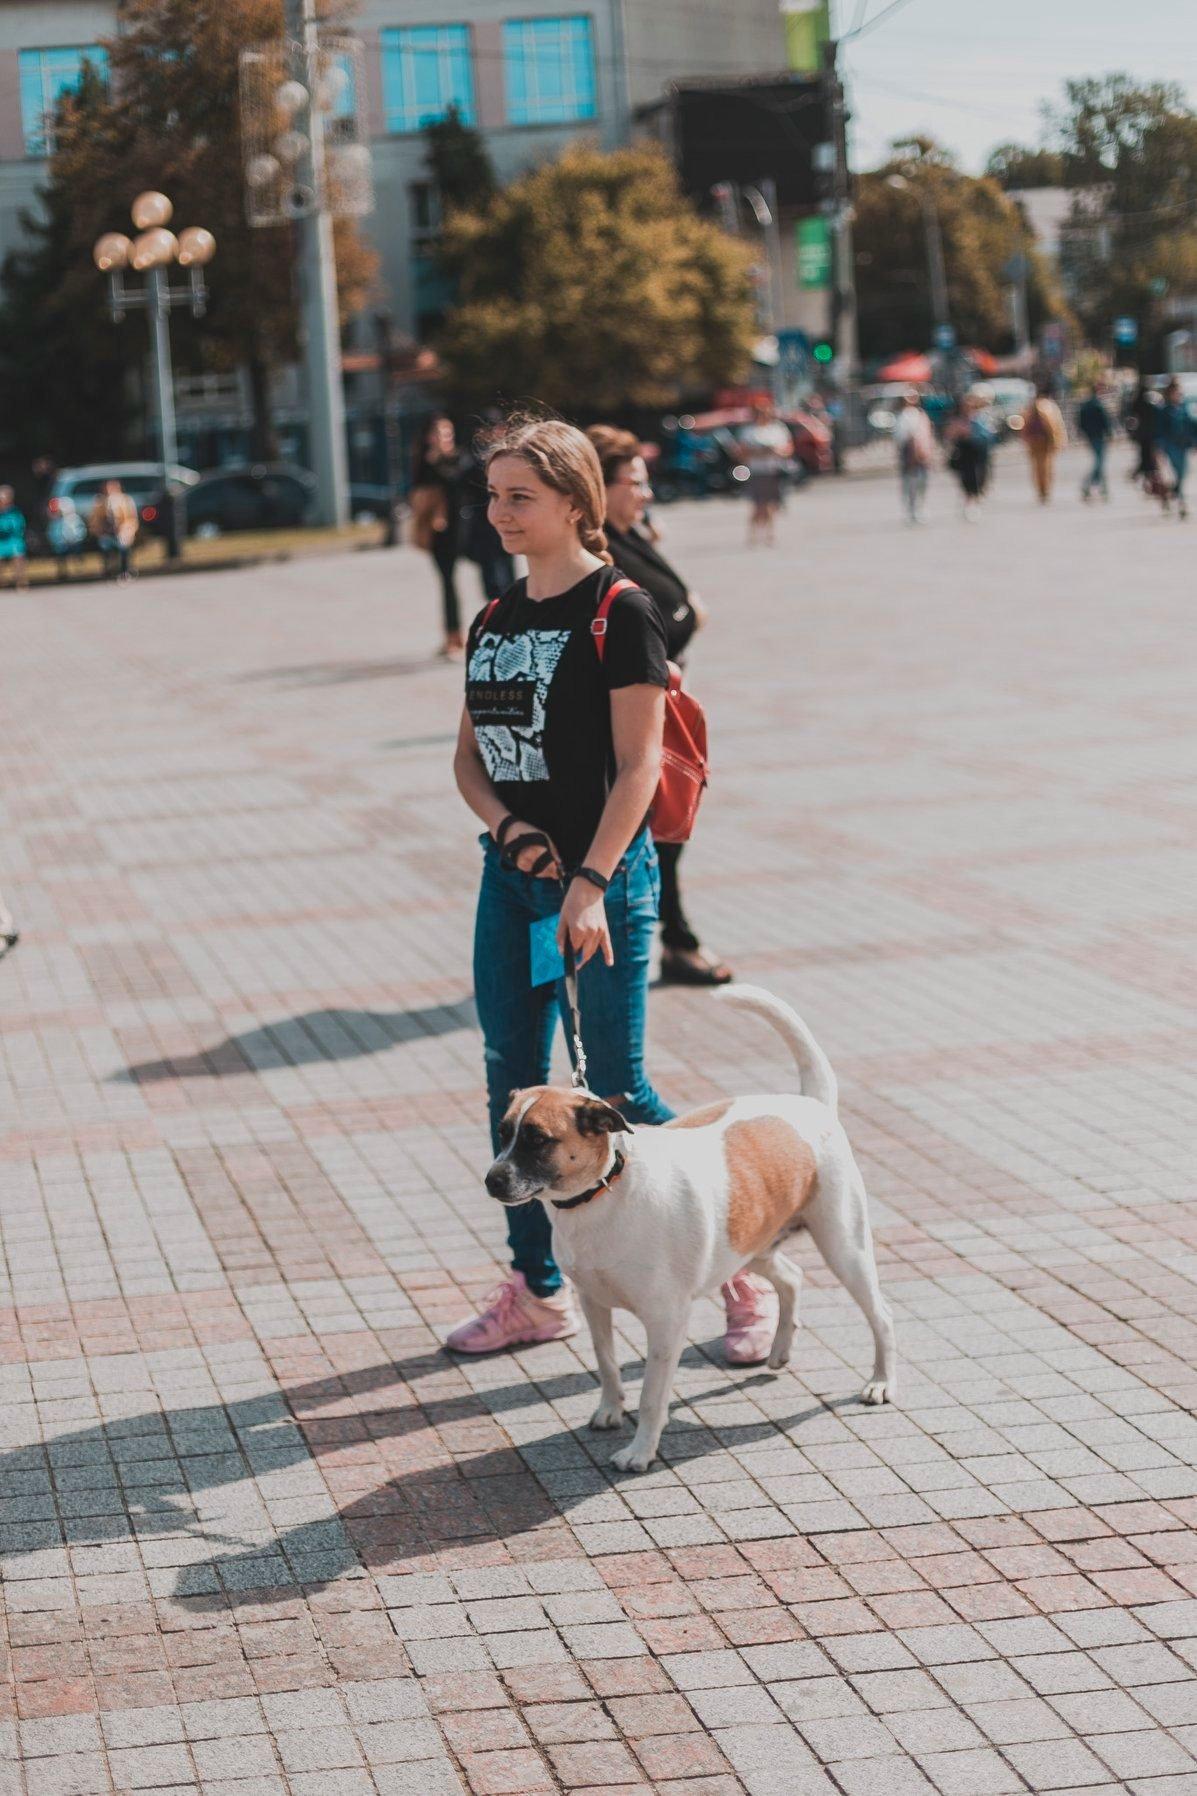 Разом з дітьми та домашніми улюбленцями: у Рівному пройшов Всеукраїнський марш за тварин (ФОТО), фото-15